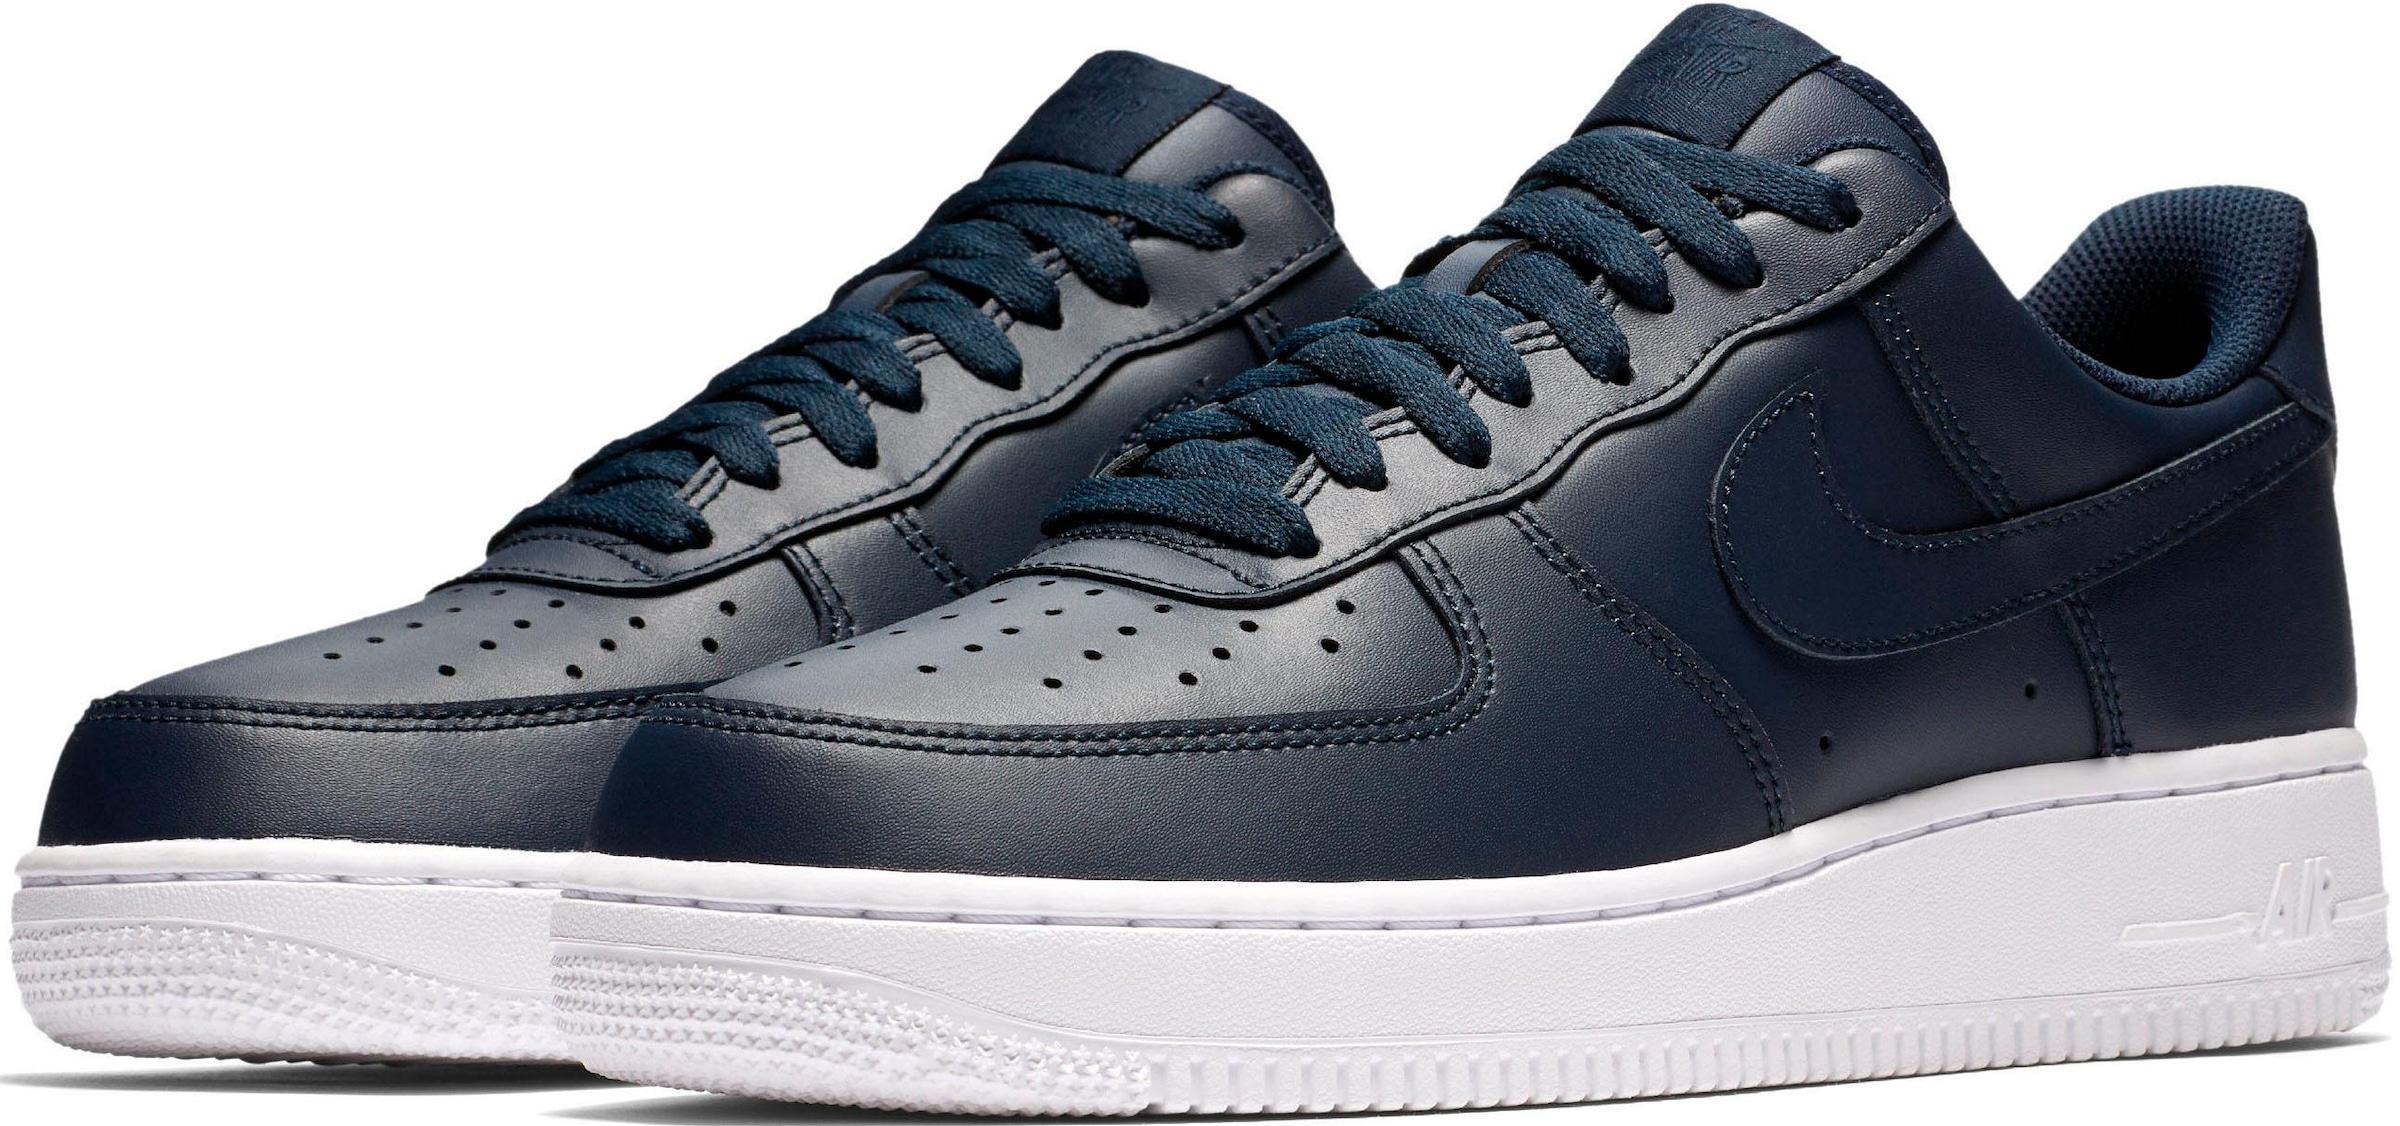 nline kaufen Nike Air Force 1 Premium 07 Günstige Preise